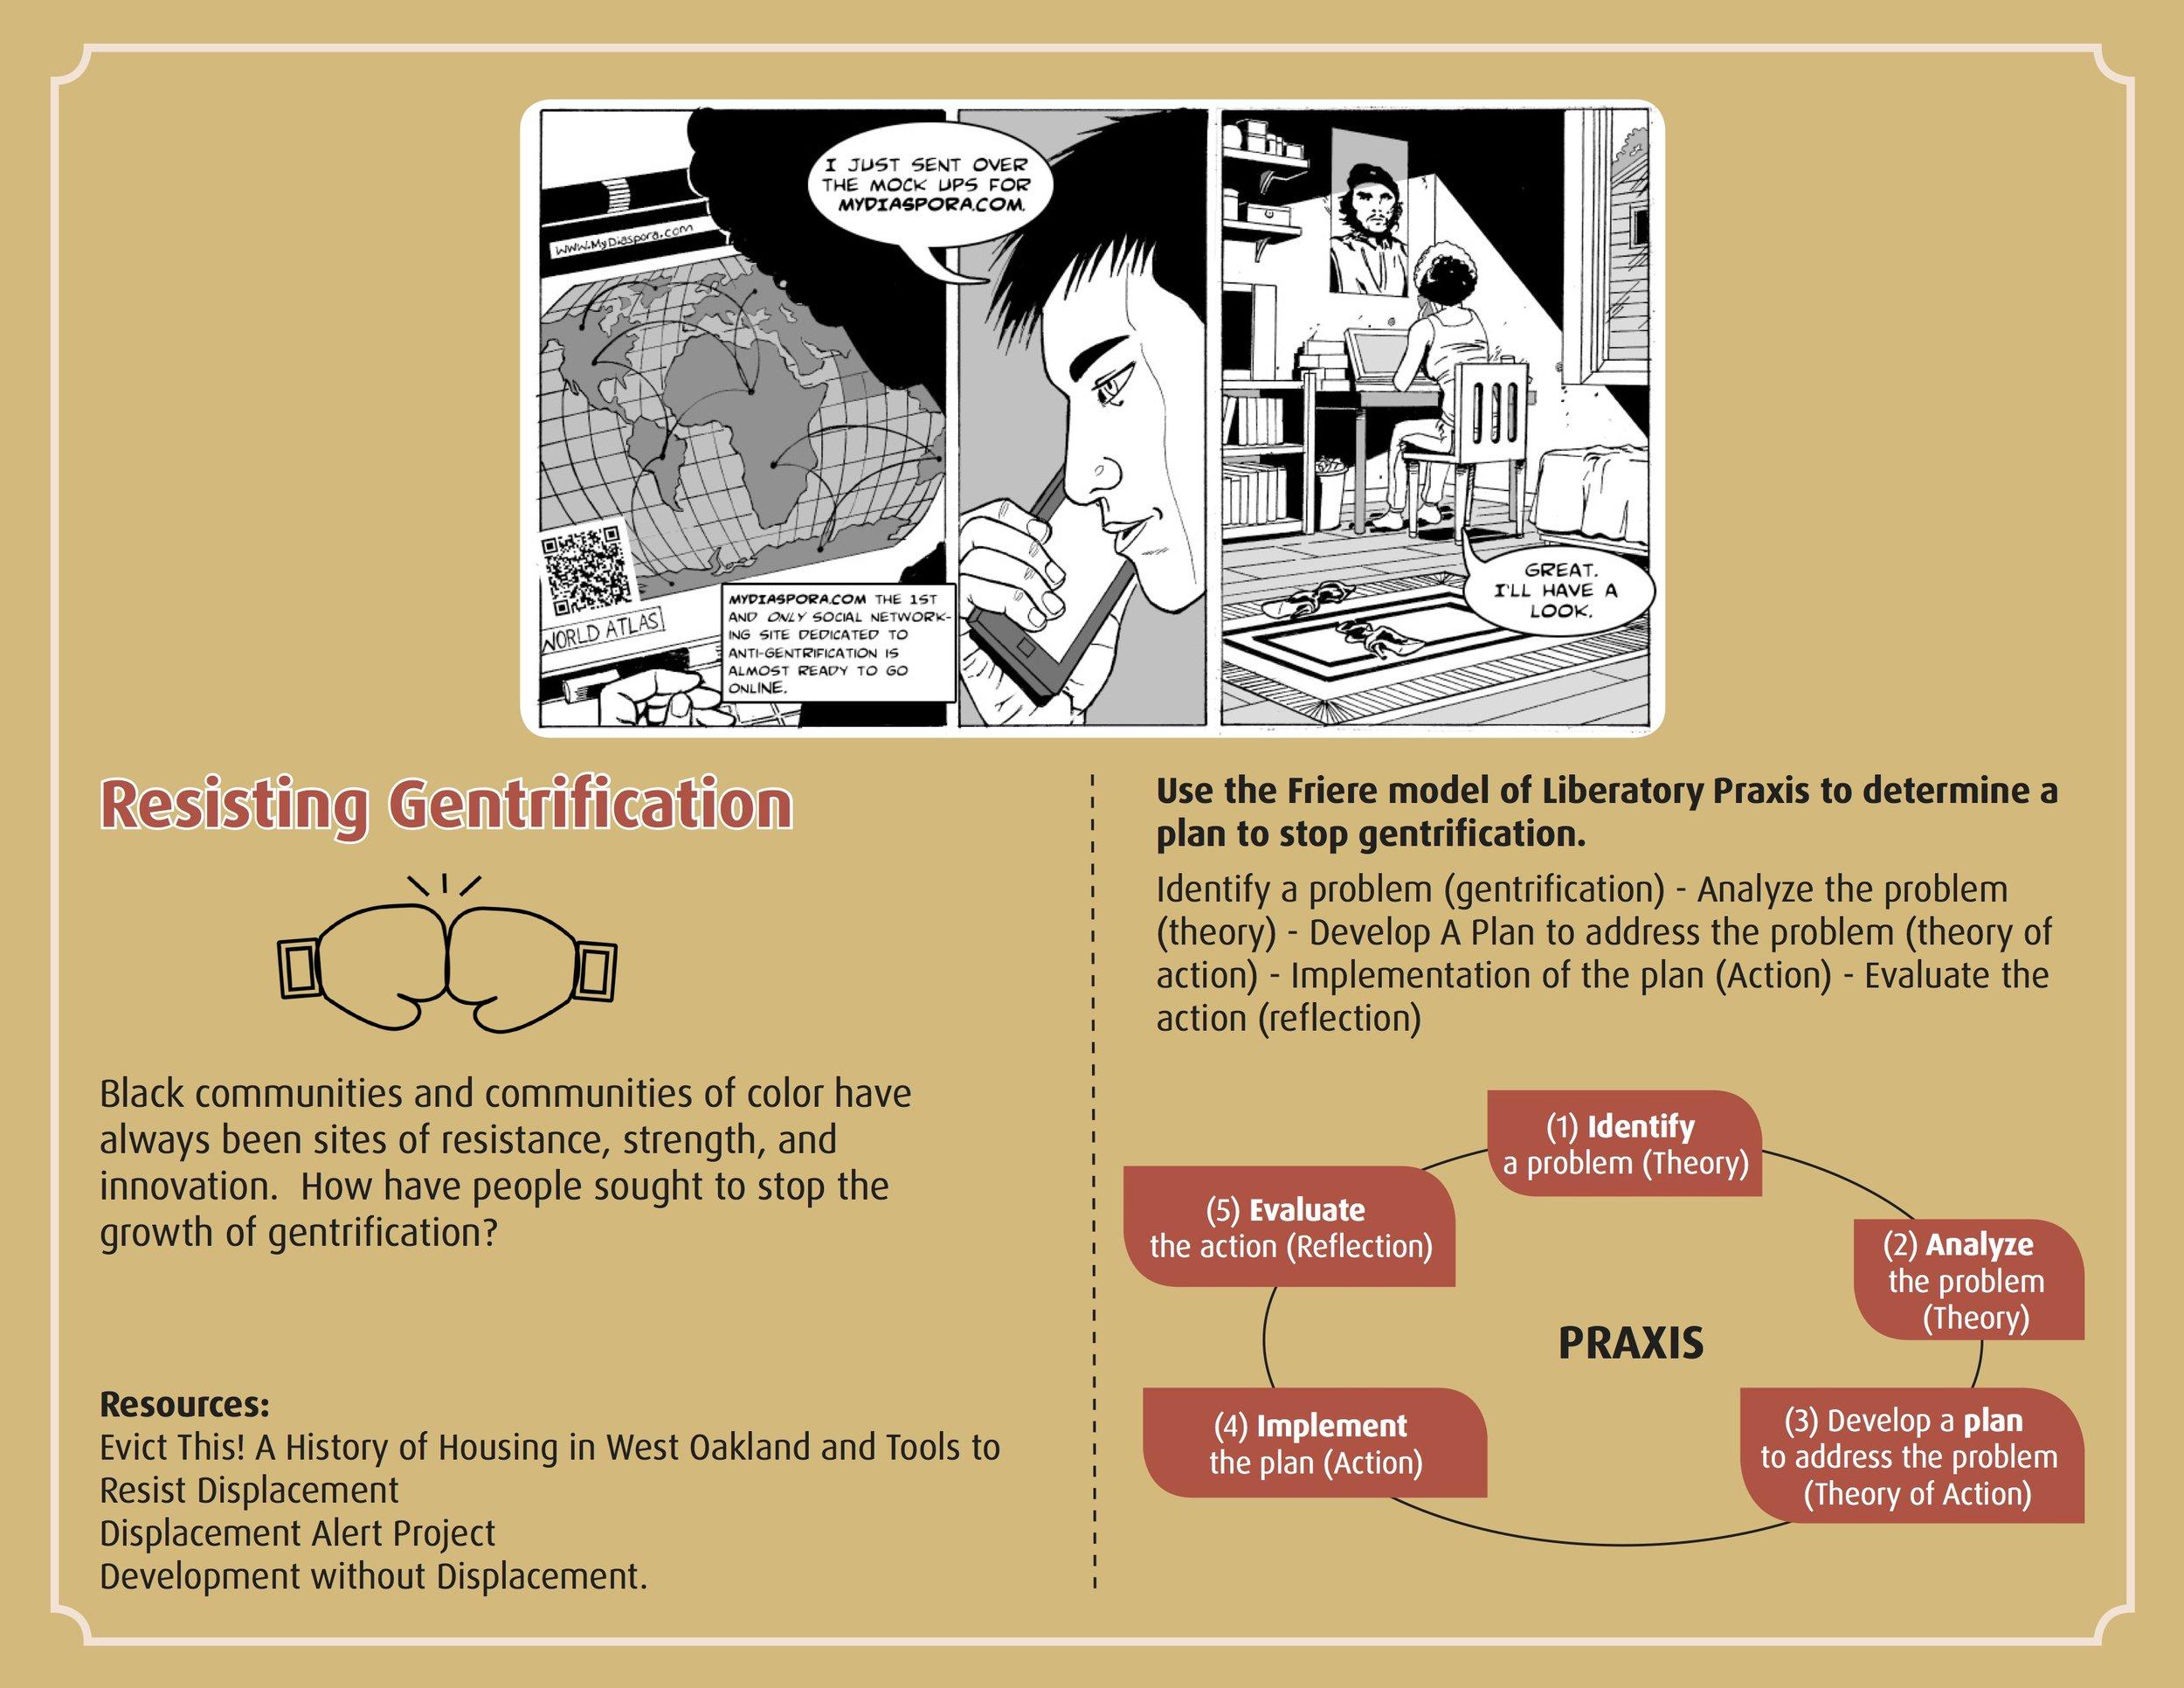 gentrification_currciulum 5.jpg